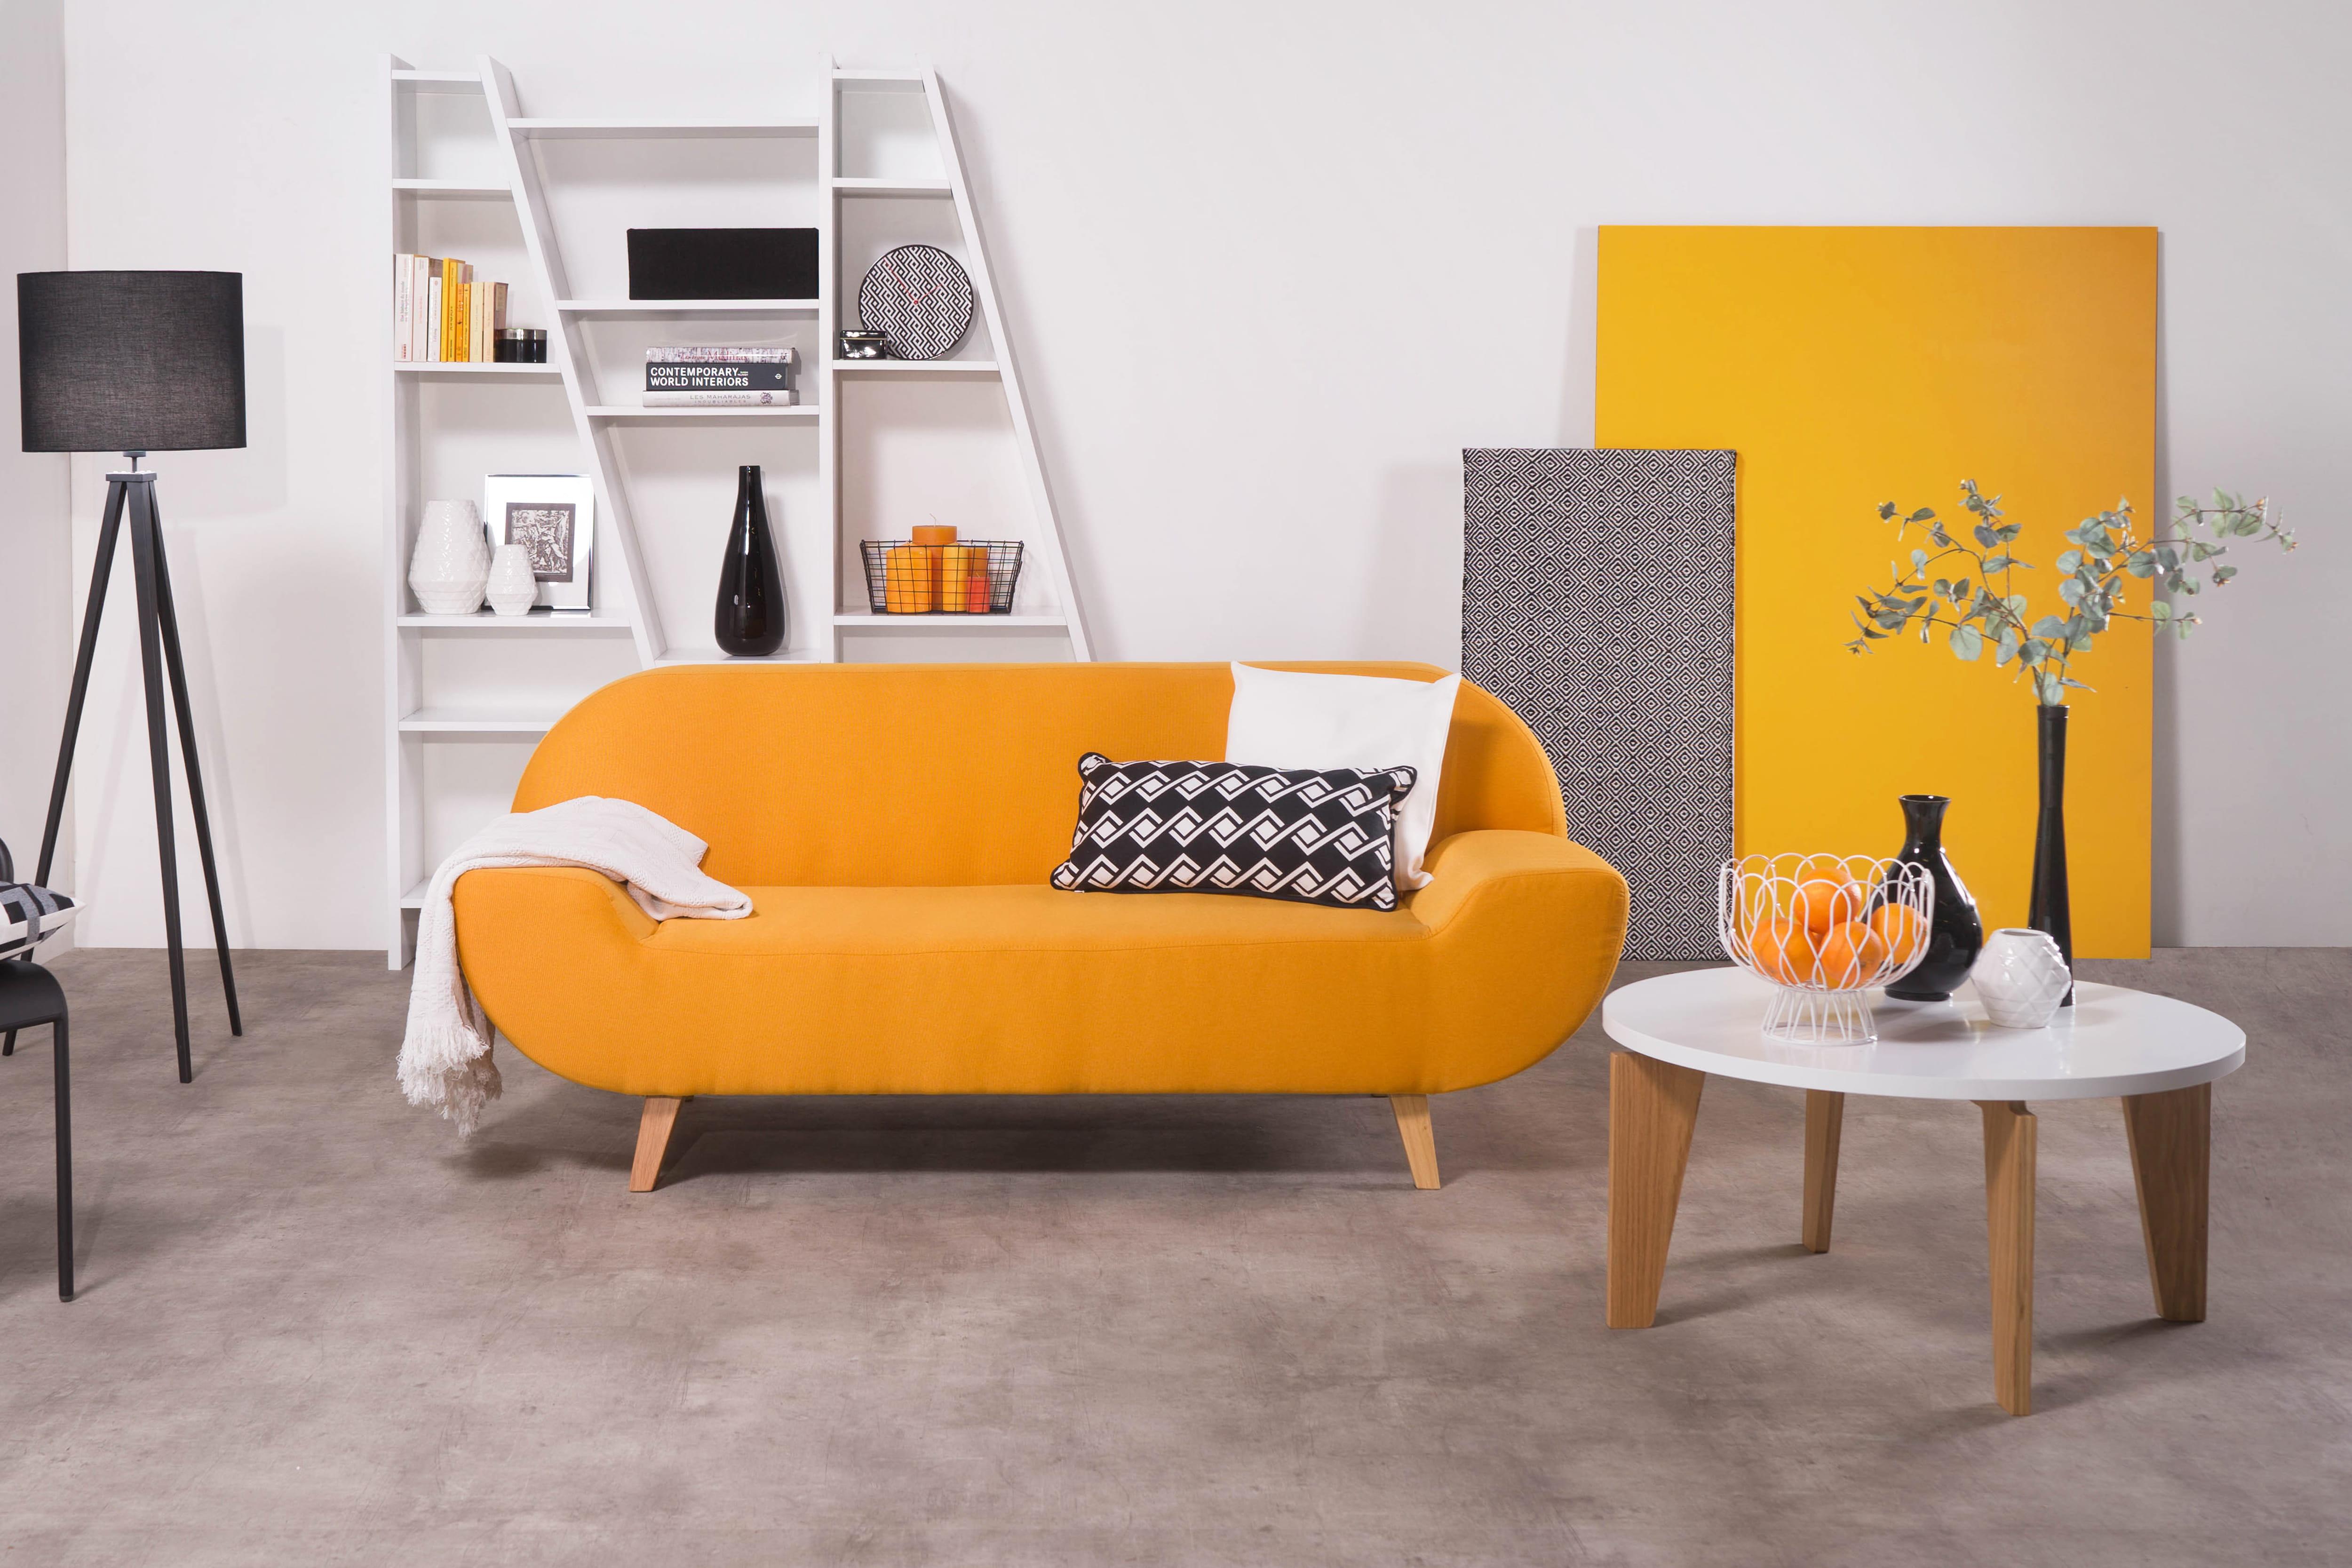 canap coqui de miliboo. Black Bedroom Furniture Sets. Home Design Ideas